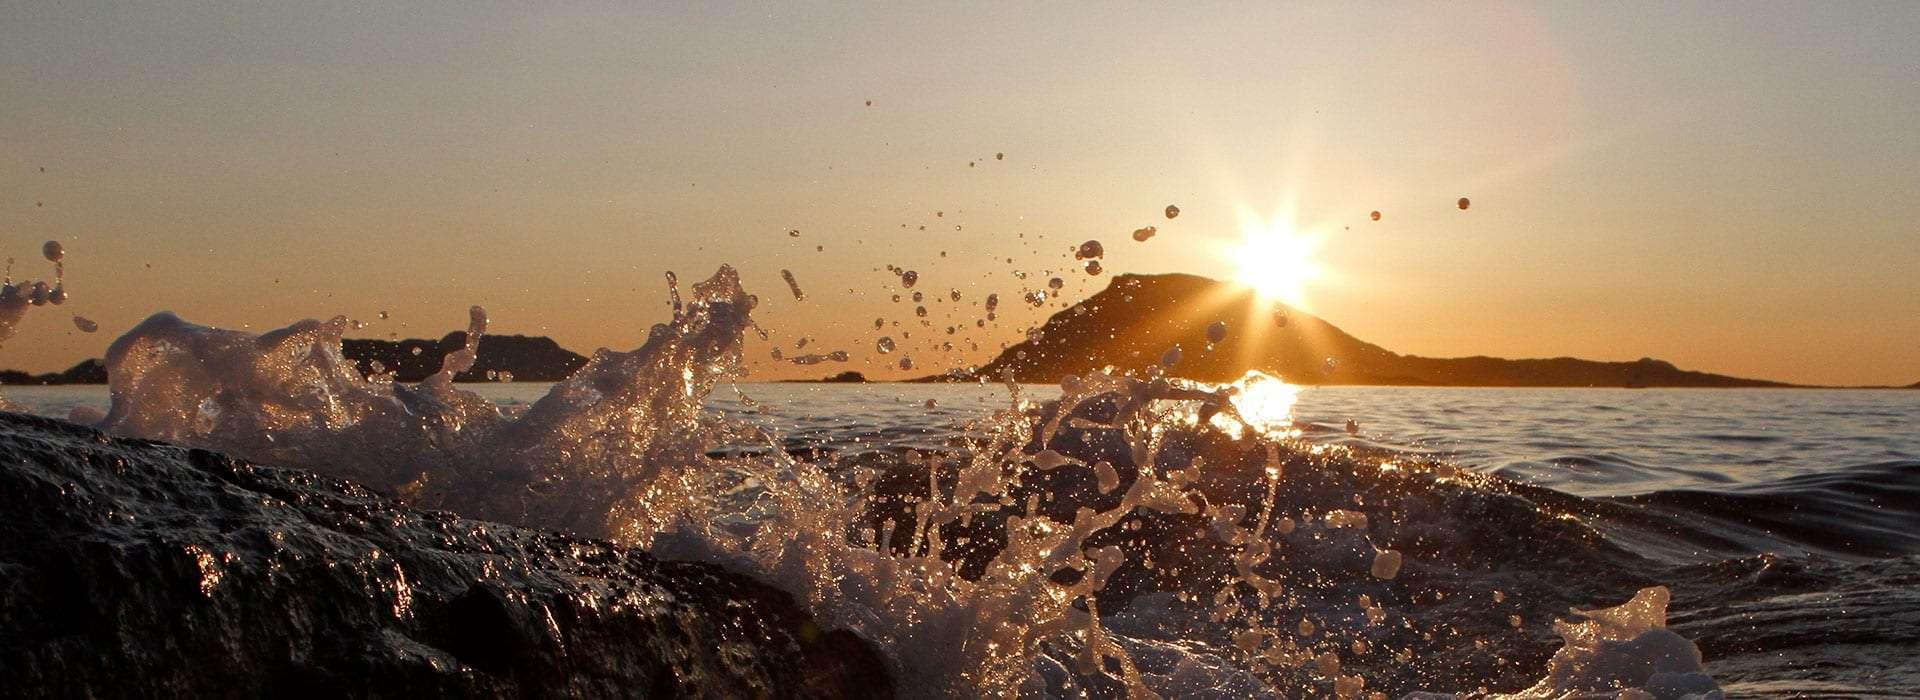 Sjøskvulp i solnedgang. Foto.